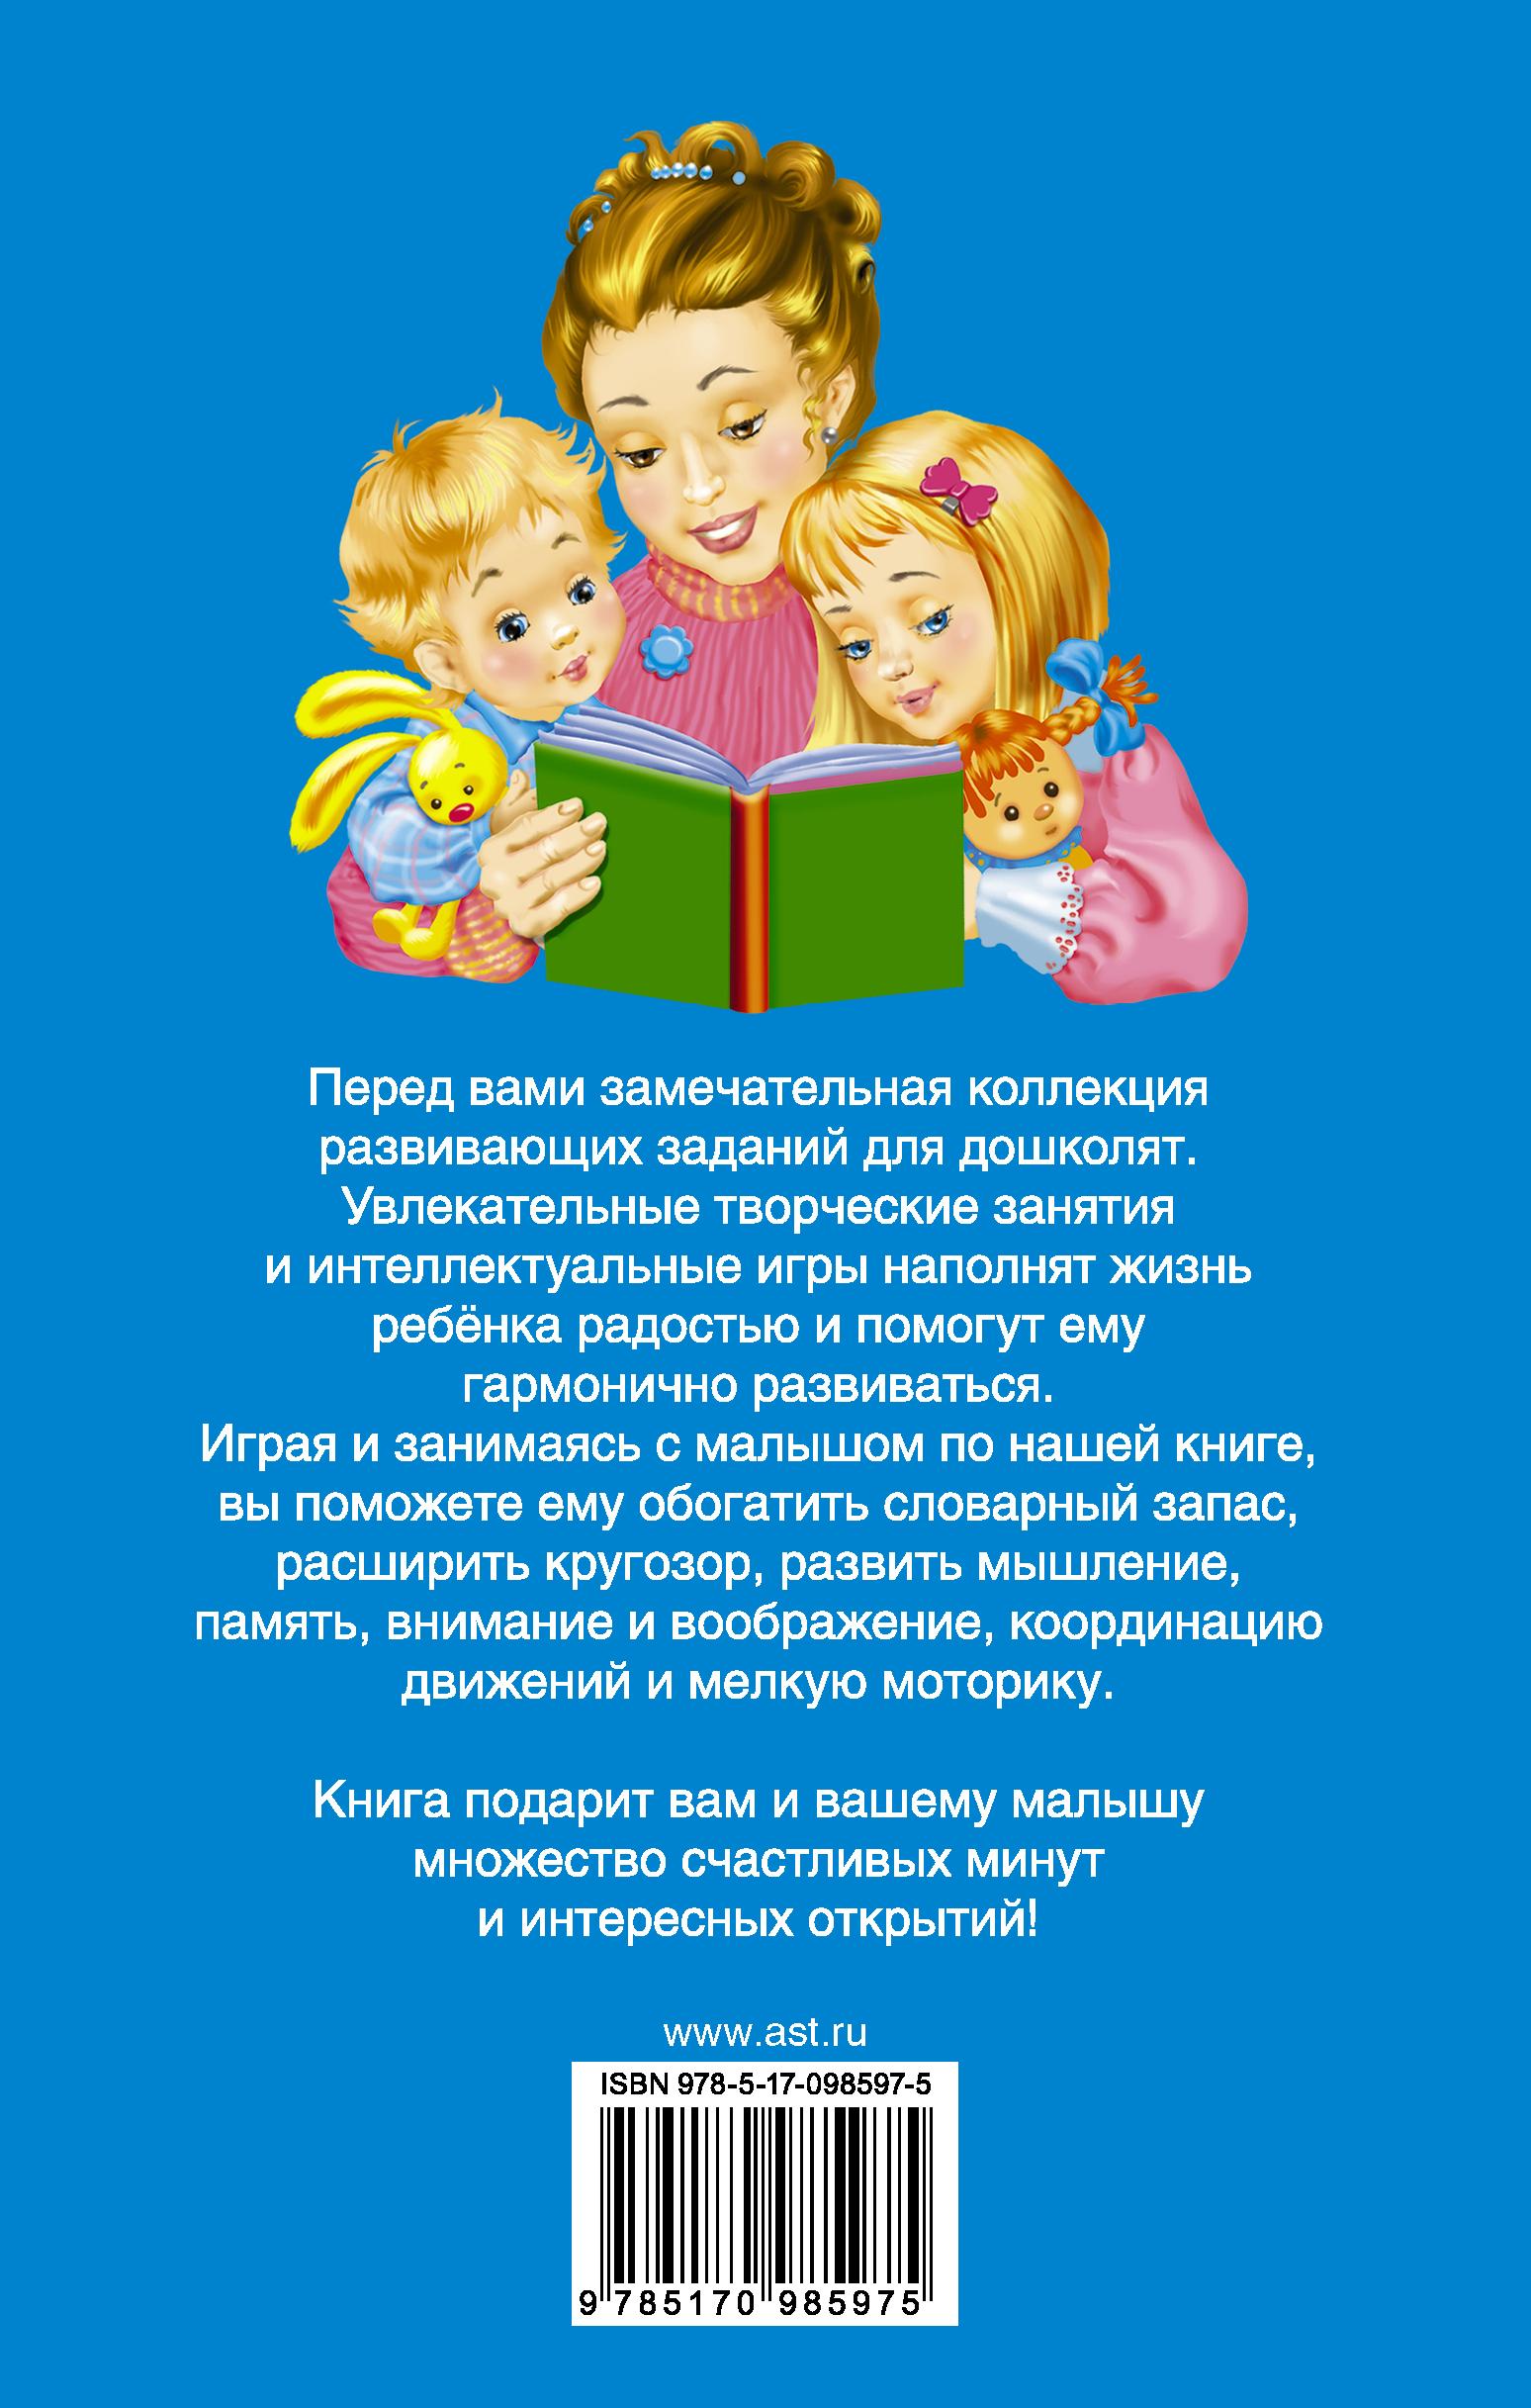 Книга 1000 развивающих заданий для детей от 0 до 6 лет. Валентина Дмитриева